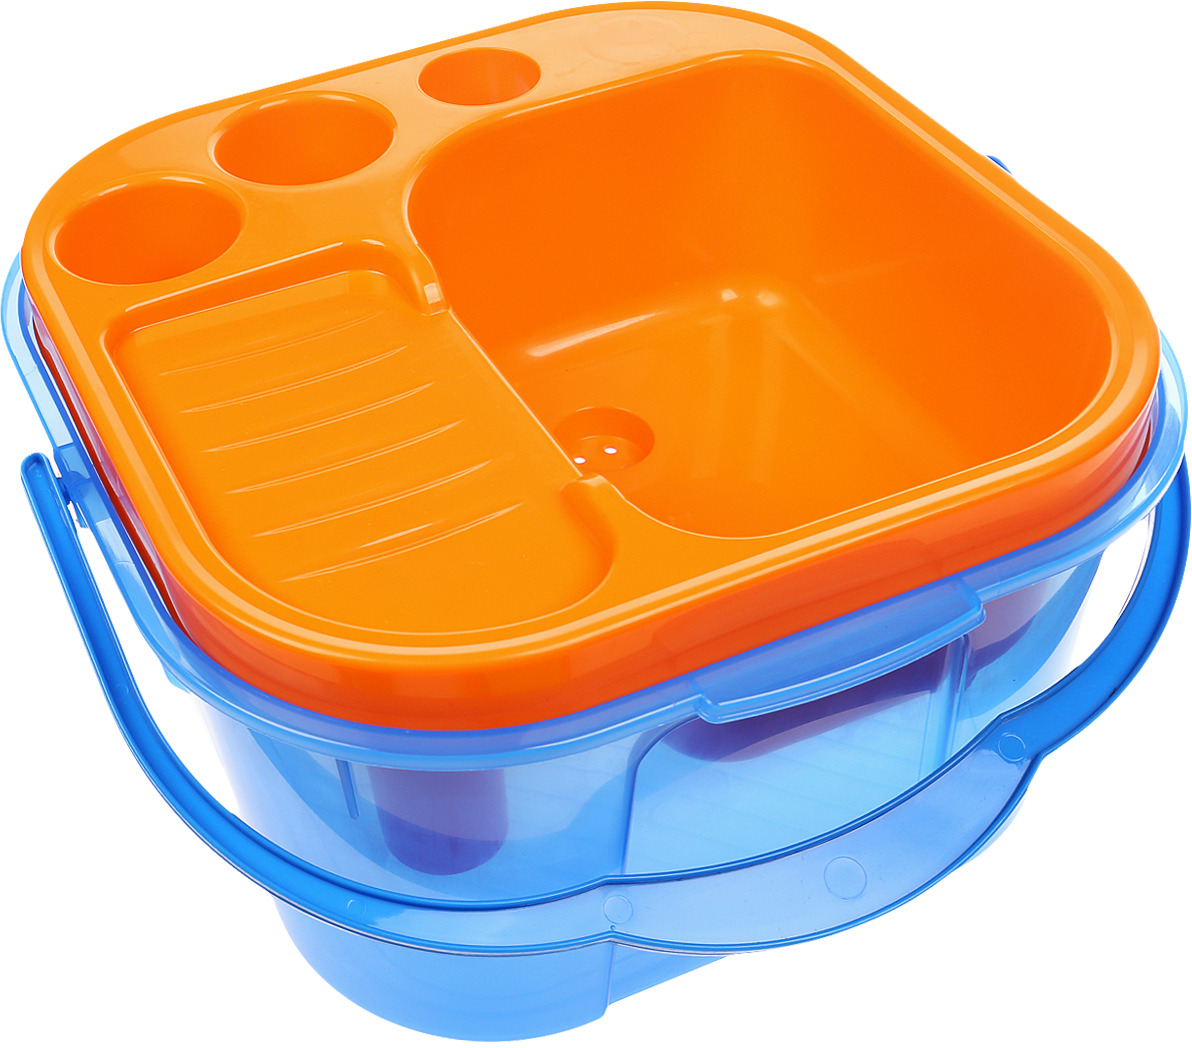 Фото - Полесье Игровой набор Мини-посудомойка цвет синий оранжевый пластмастер игровой набор витаминчик цвет оранжевый сиреневый